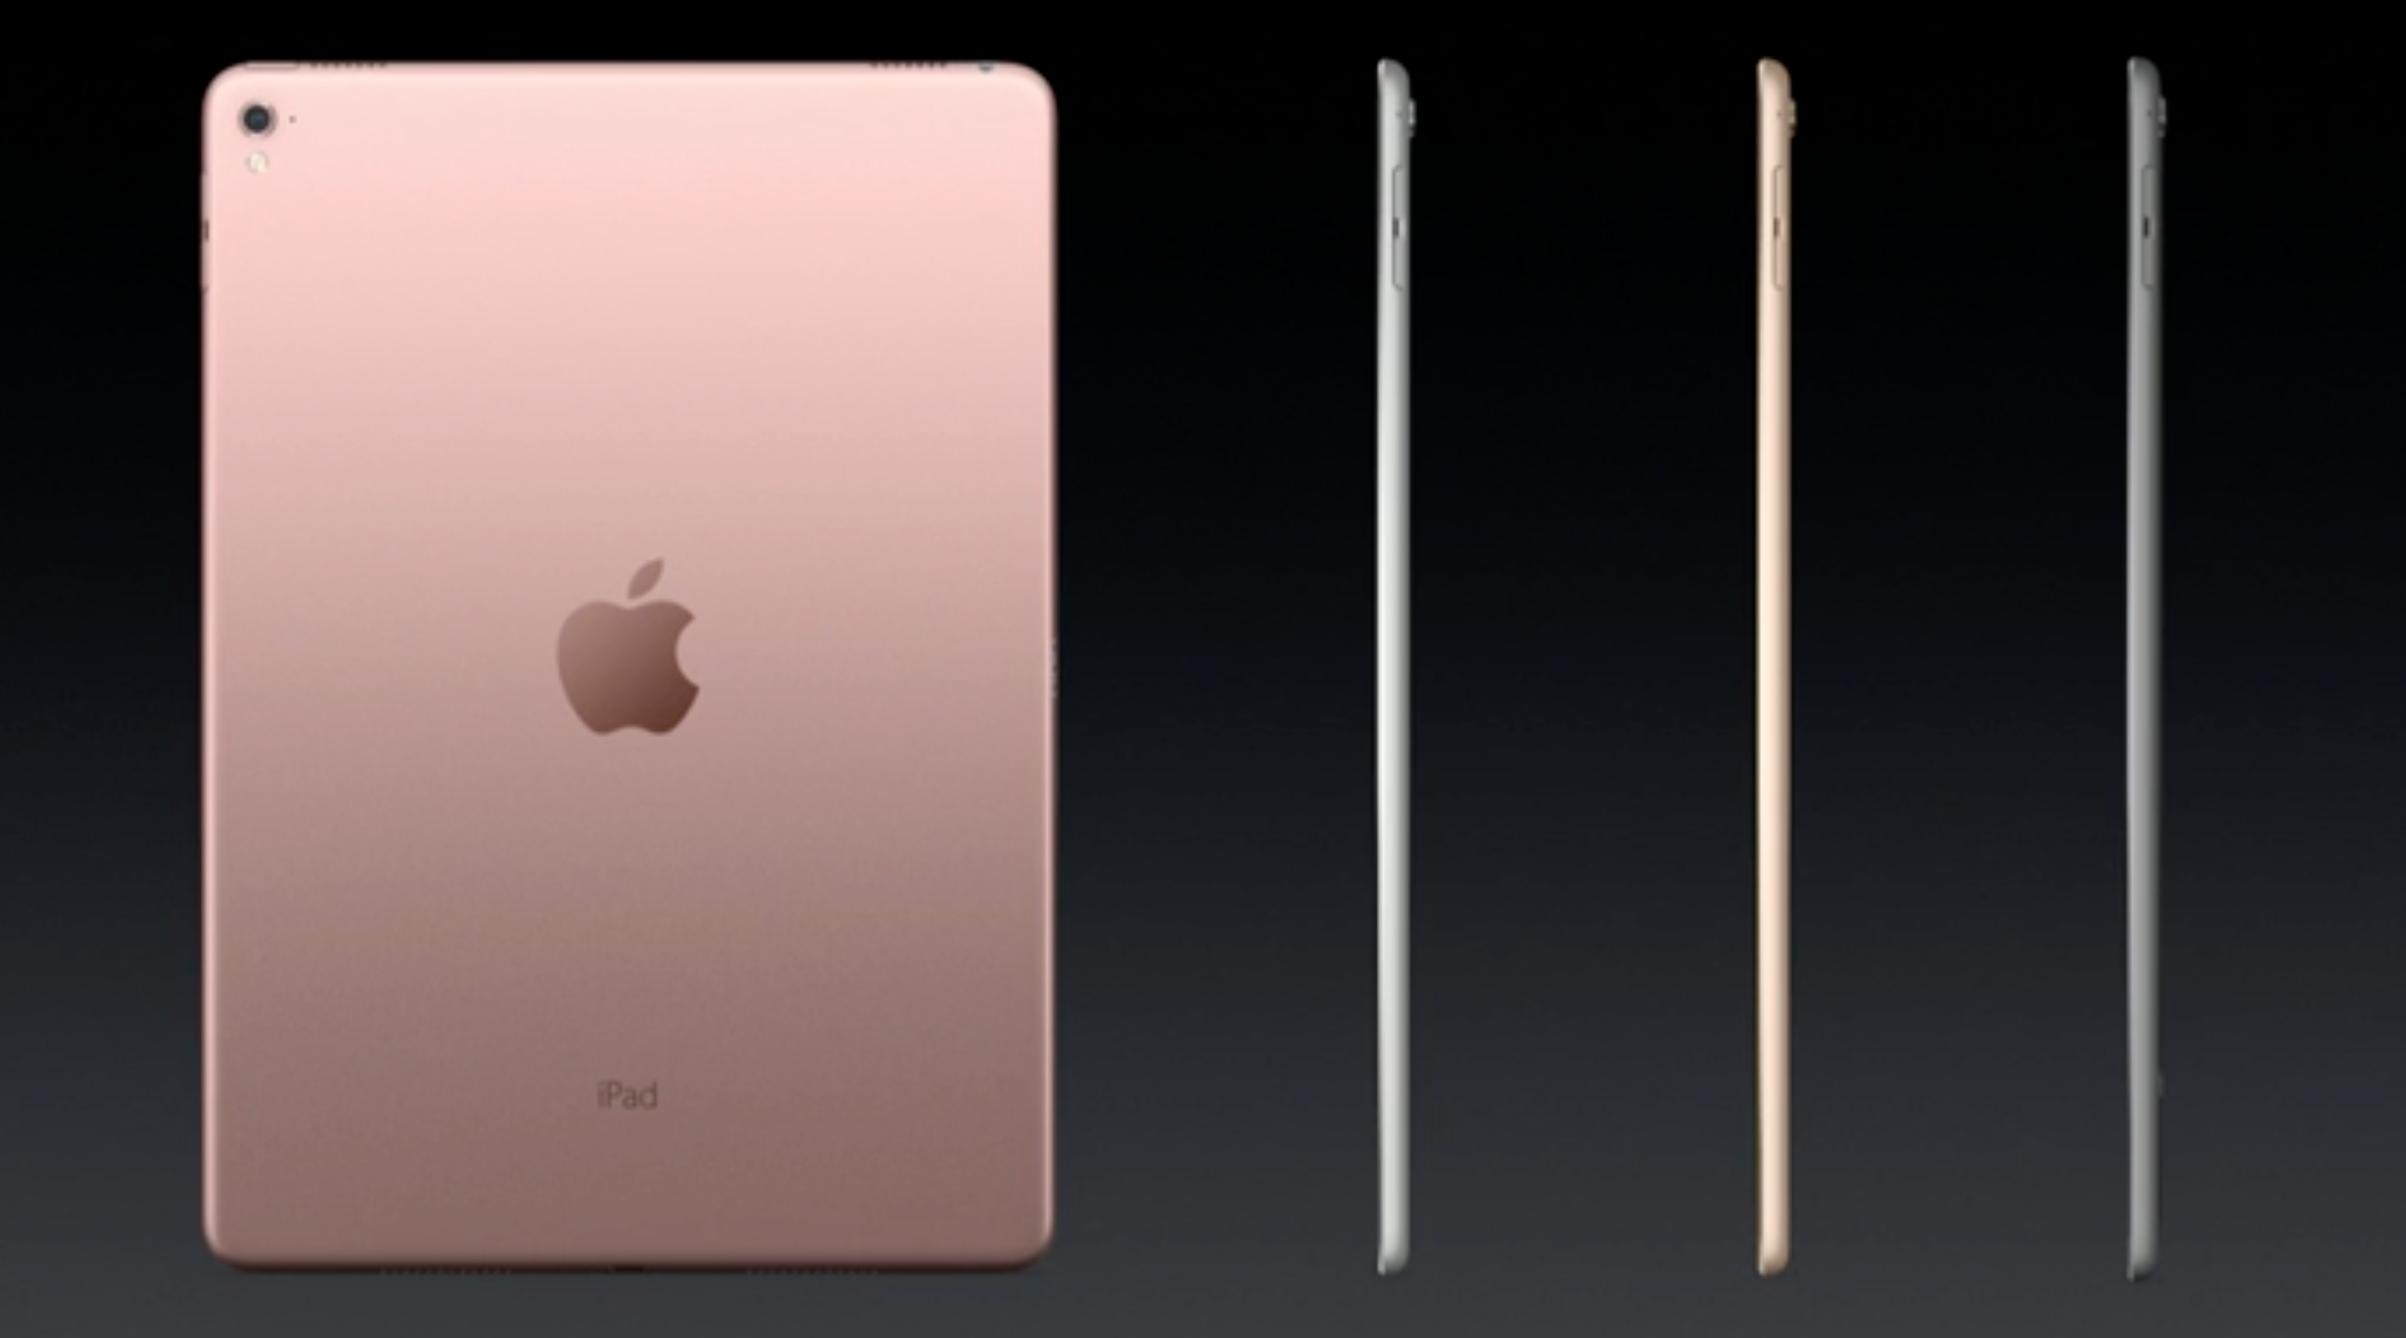 iPad kommer nå for første gang i «Rose Gold»-farge.